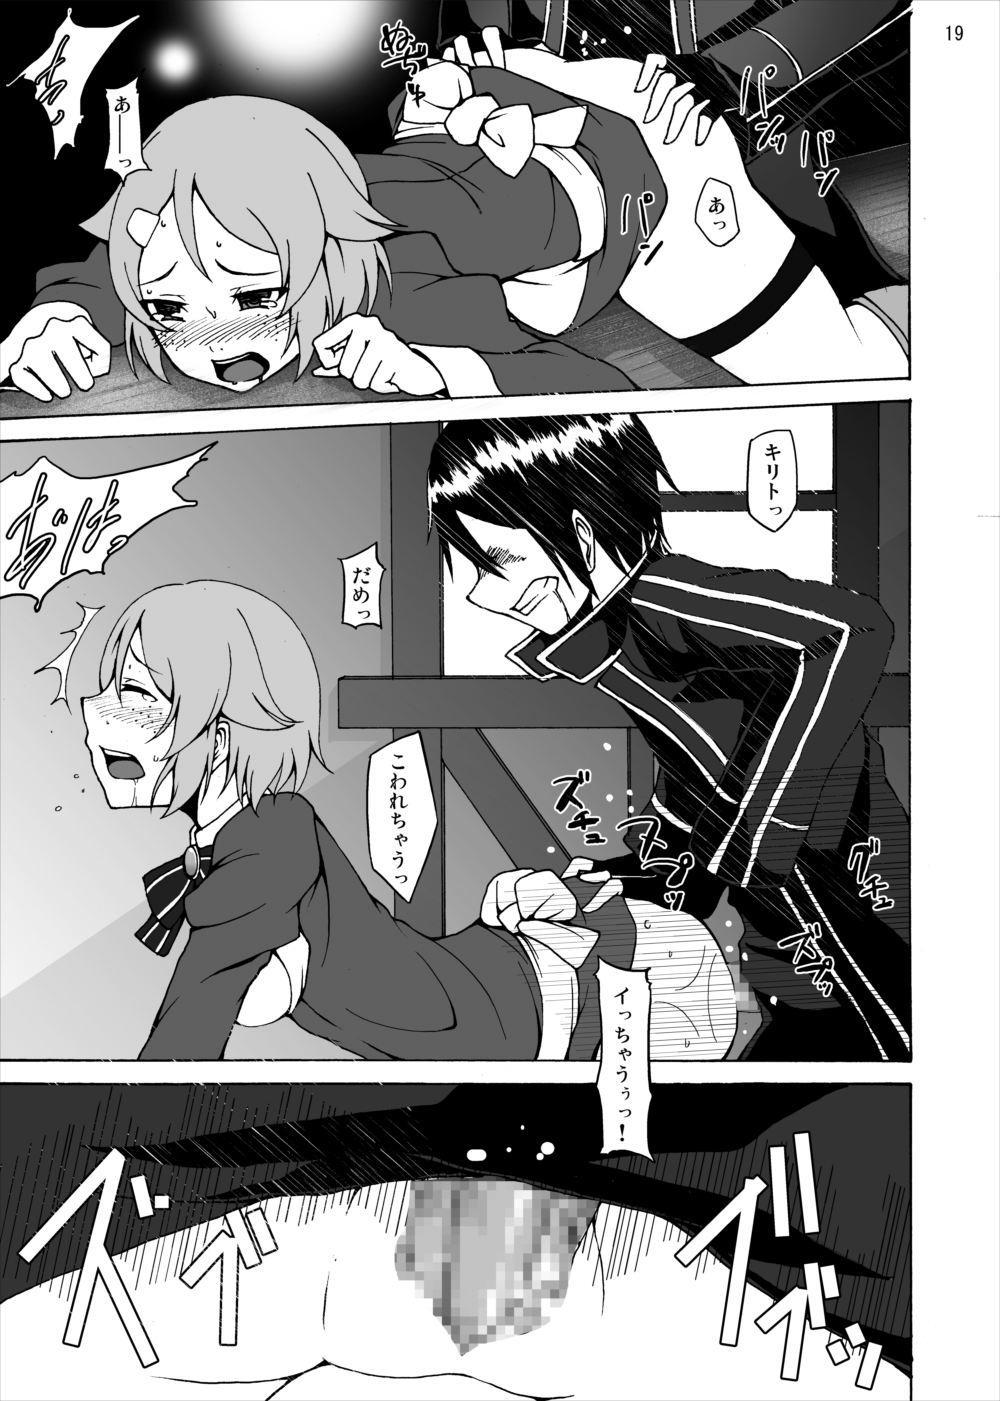 Lizbeth no Ketsui... Kiken na Kusuri wo Tsukatte demo Asuna kara Kirito wo Ubatte Miseru... 18